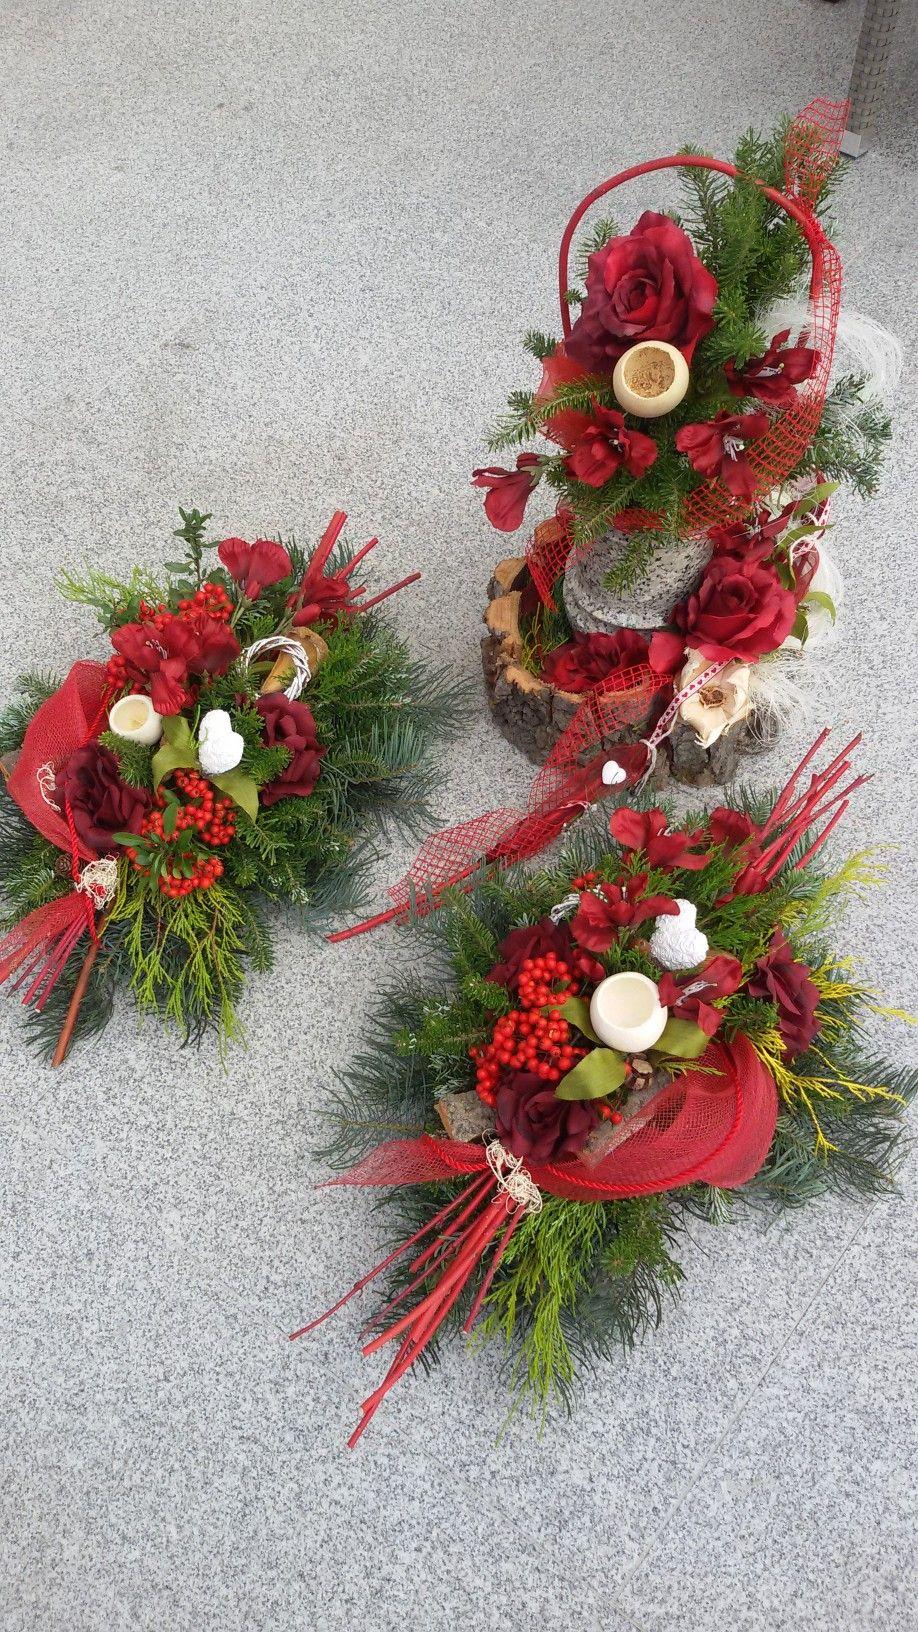 Dekoracja Nagrobna Florystyka Funeralna Wszystkich Swietych 1 Listopada Christmas Centerpieces Christmas Arrangements Easter Spring Wreath